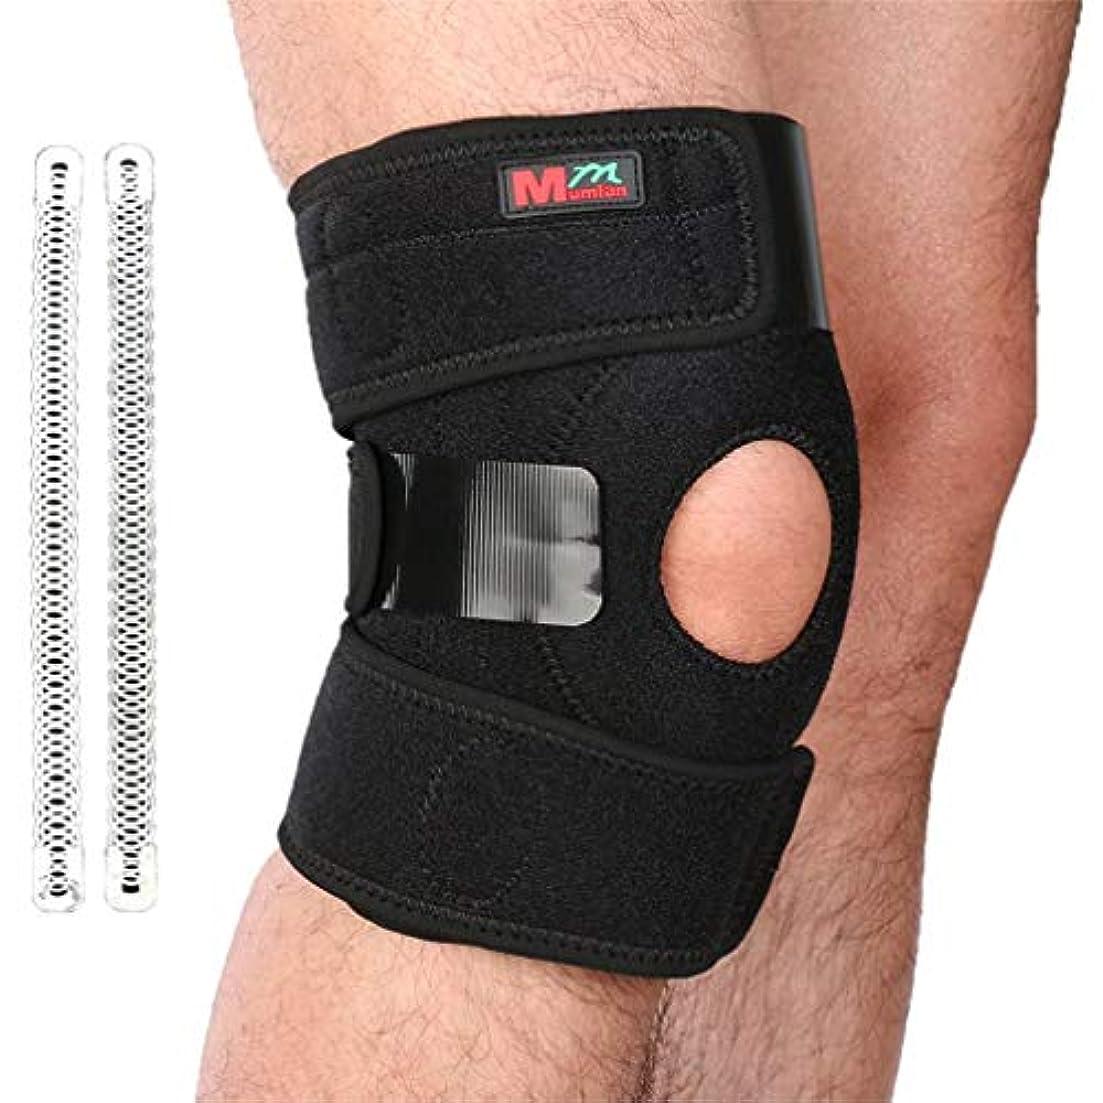 ペースト消毒するメーカー1PC膝プロテクター膝パッドシリコン弾性包帯デザイン膝サポート-Rustle666